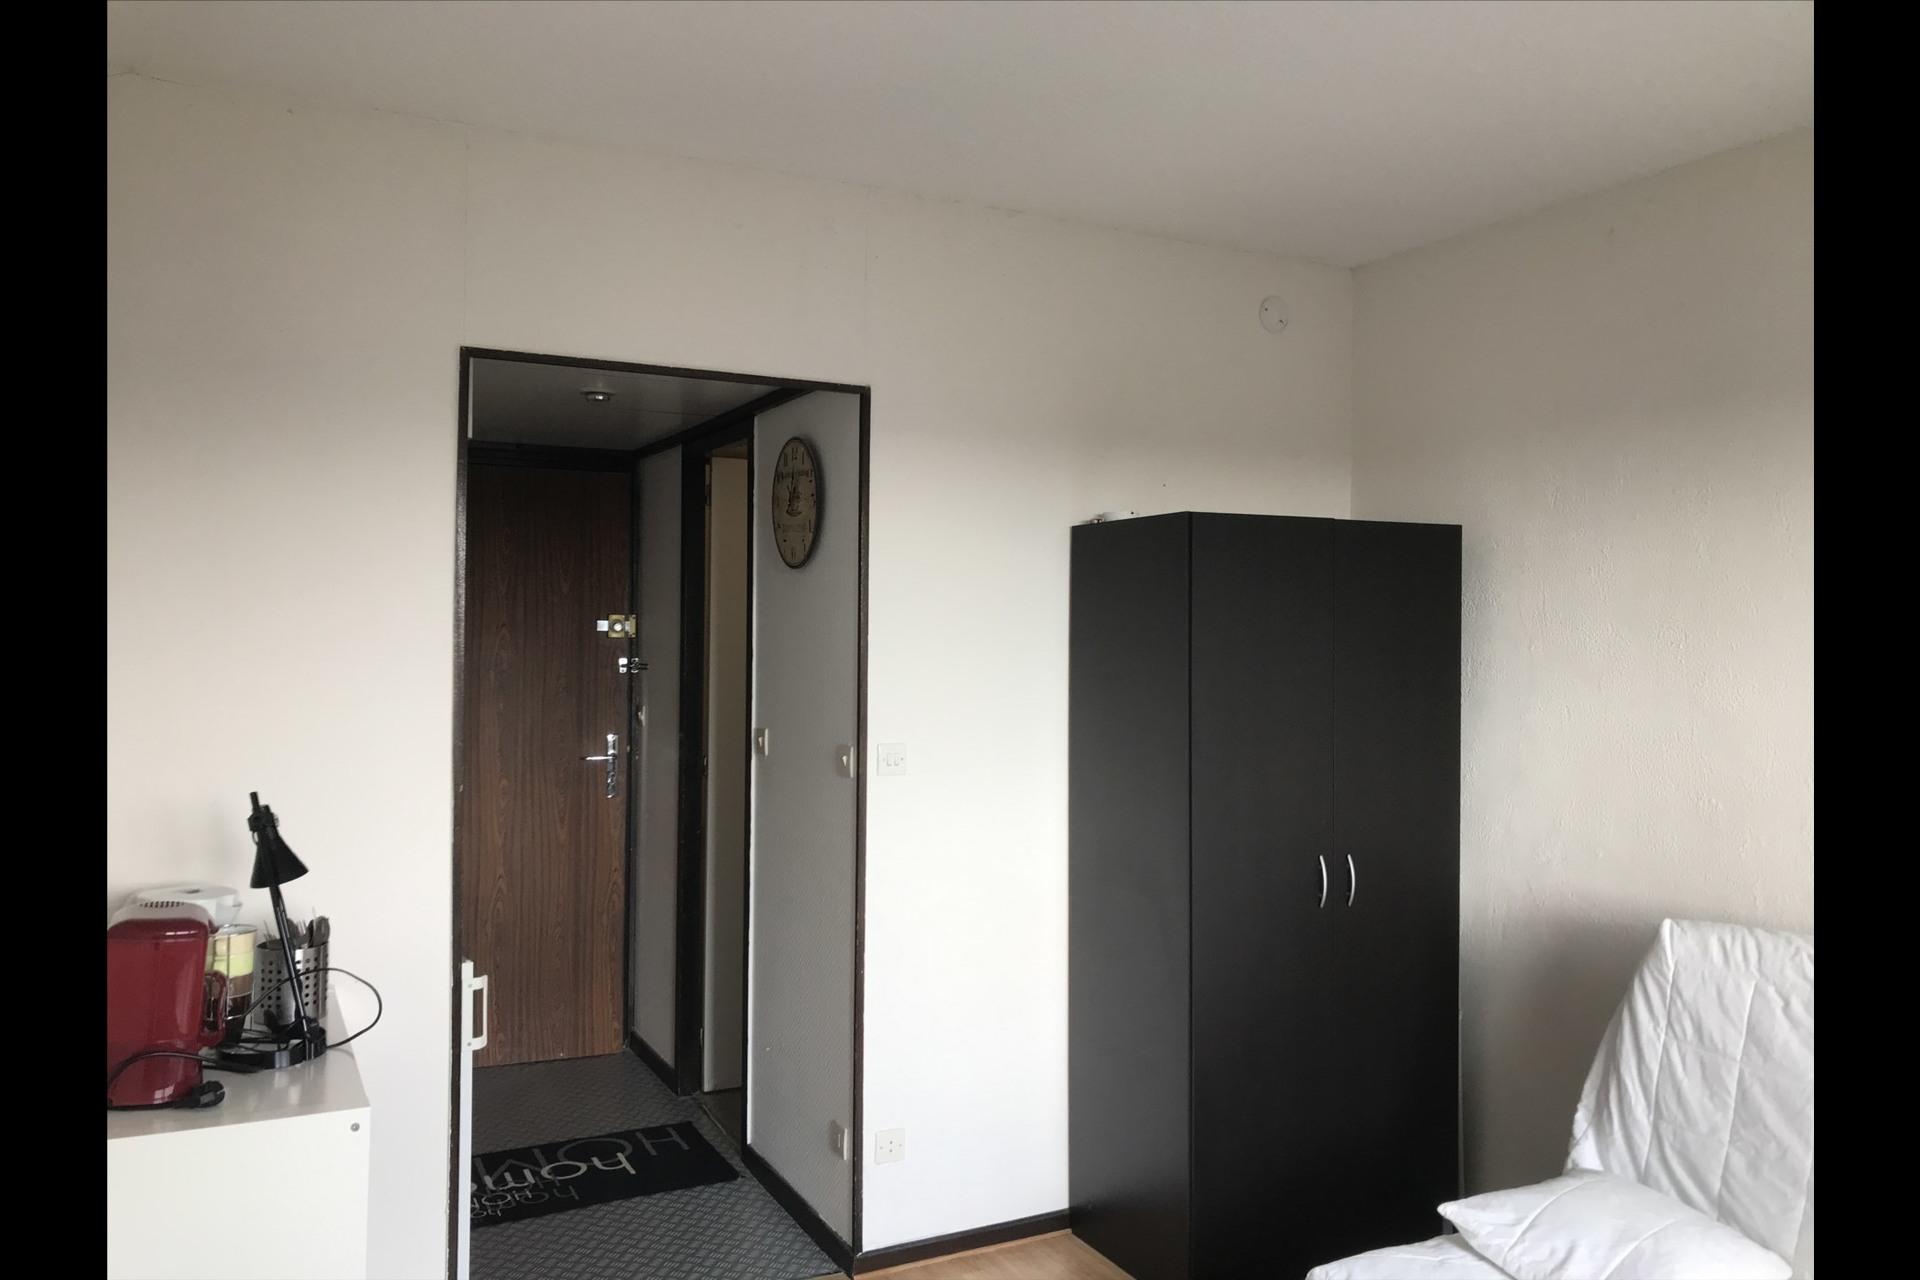 image 5 - Appartement À louer VANDOEUVRE-LES-NANCY VANDOEUVRE  BRABOIS